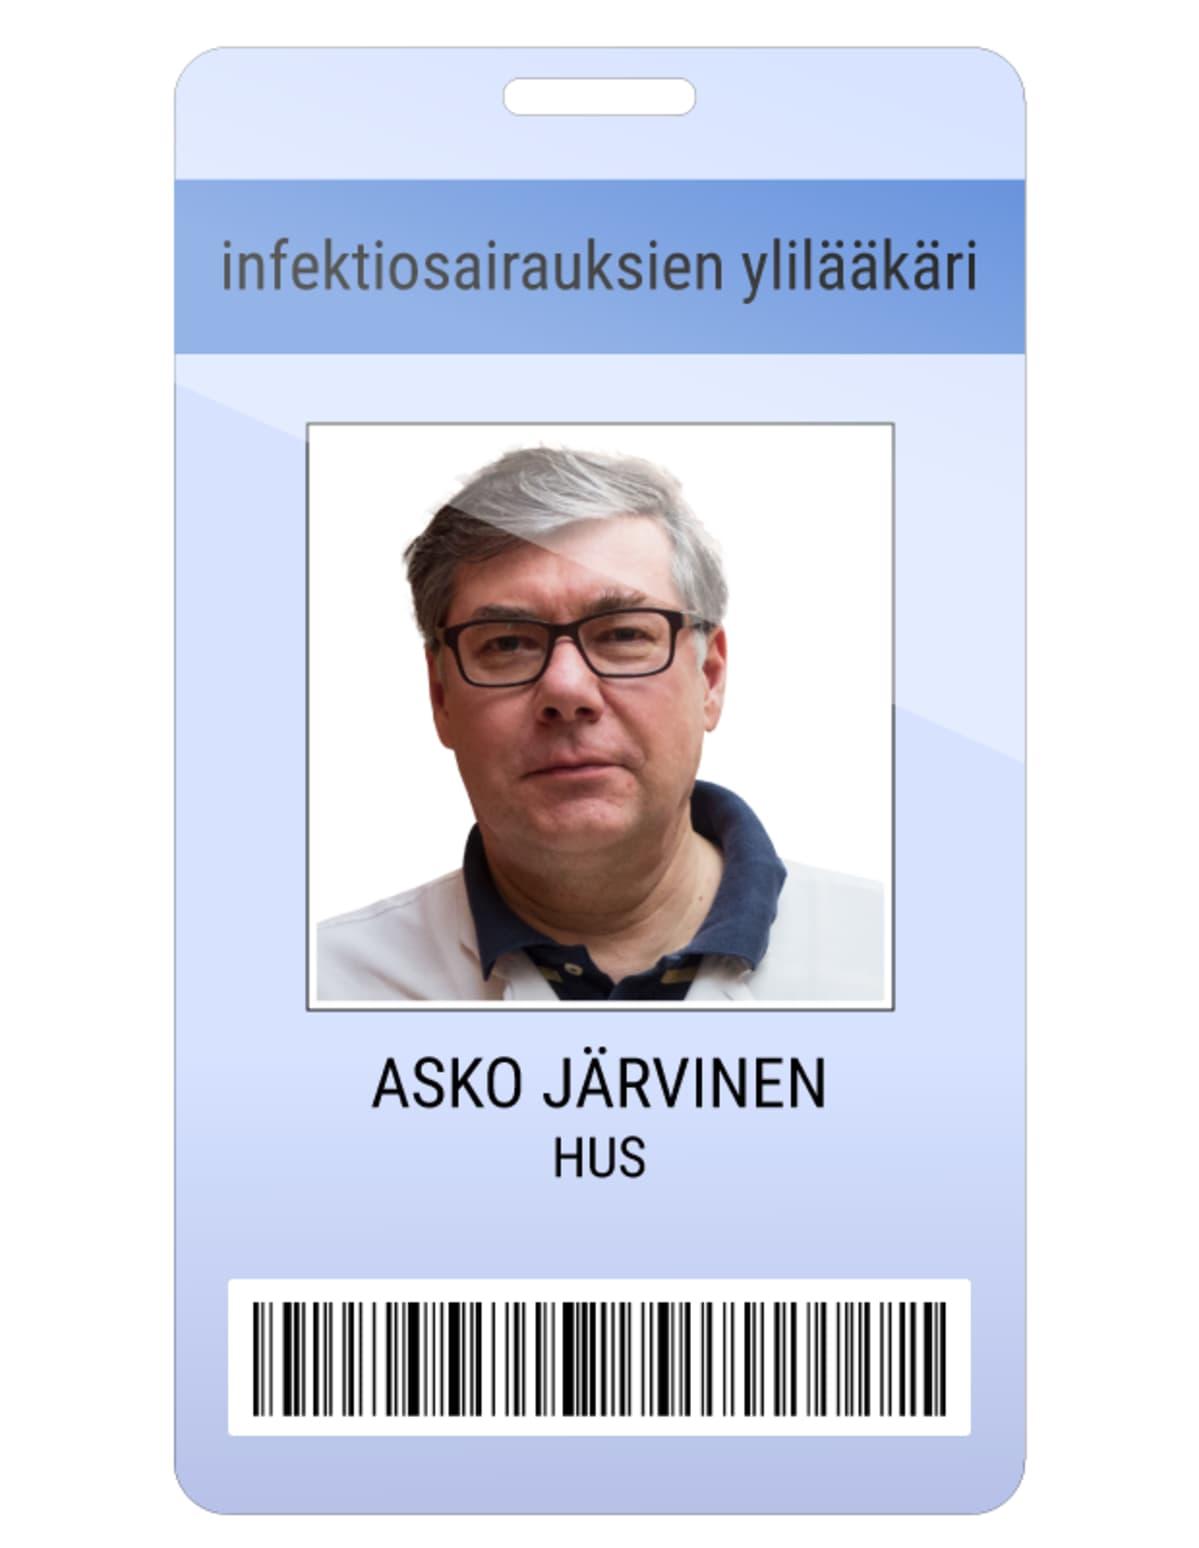 Asko Järvinen kuvitteellinen kulkukortti.